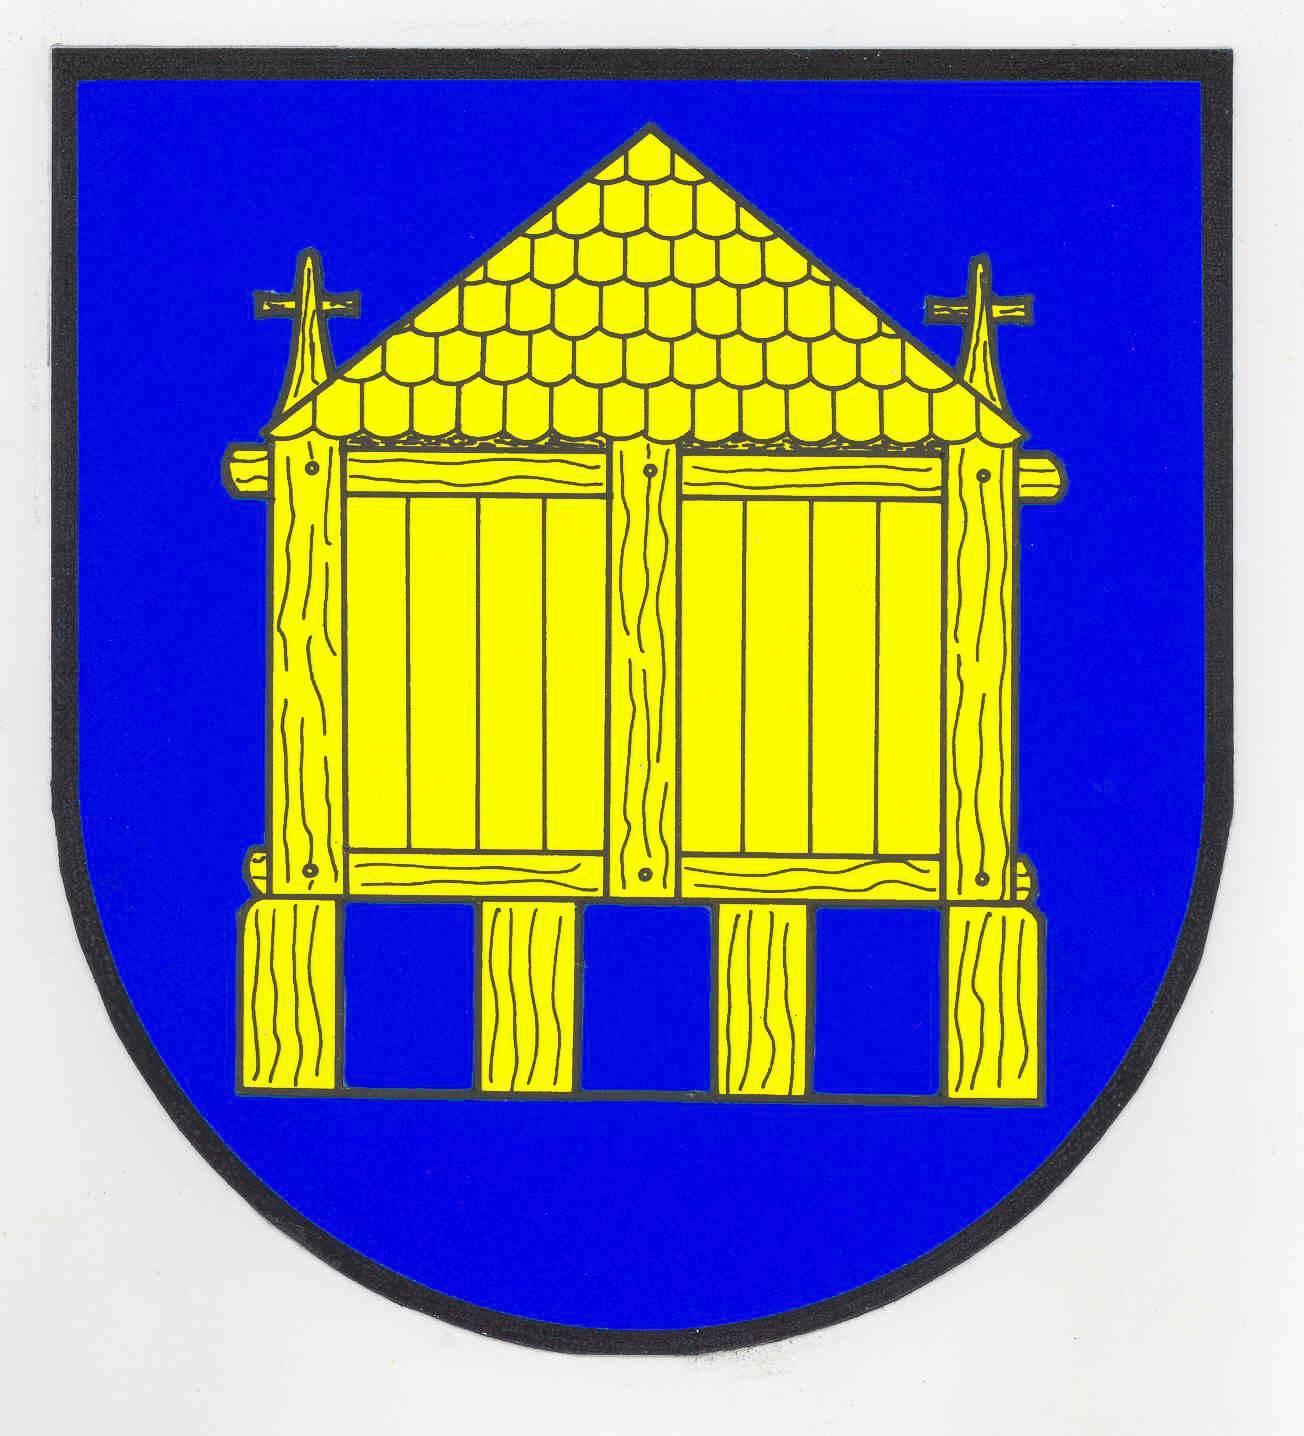 Wappen GemeindeHusby, Kreis Schleswig-Flensburg